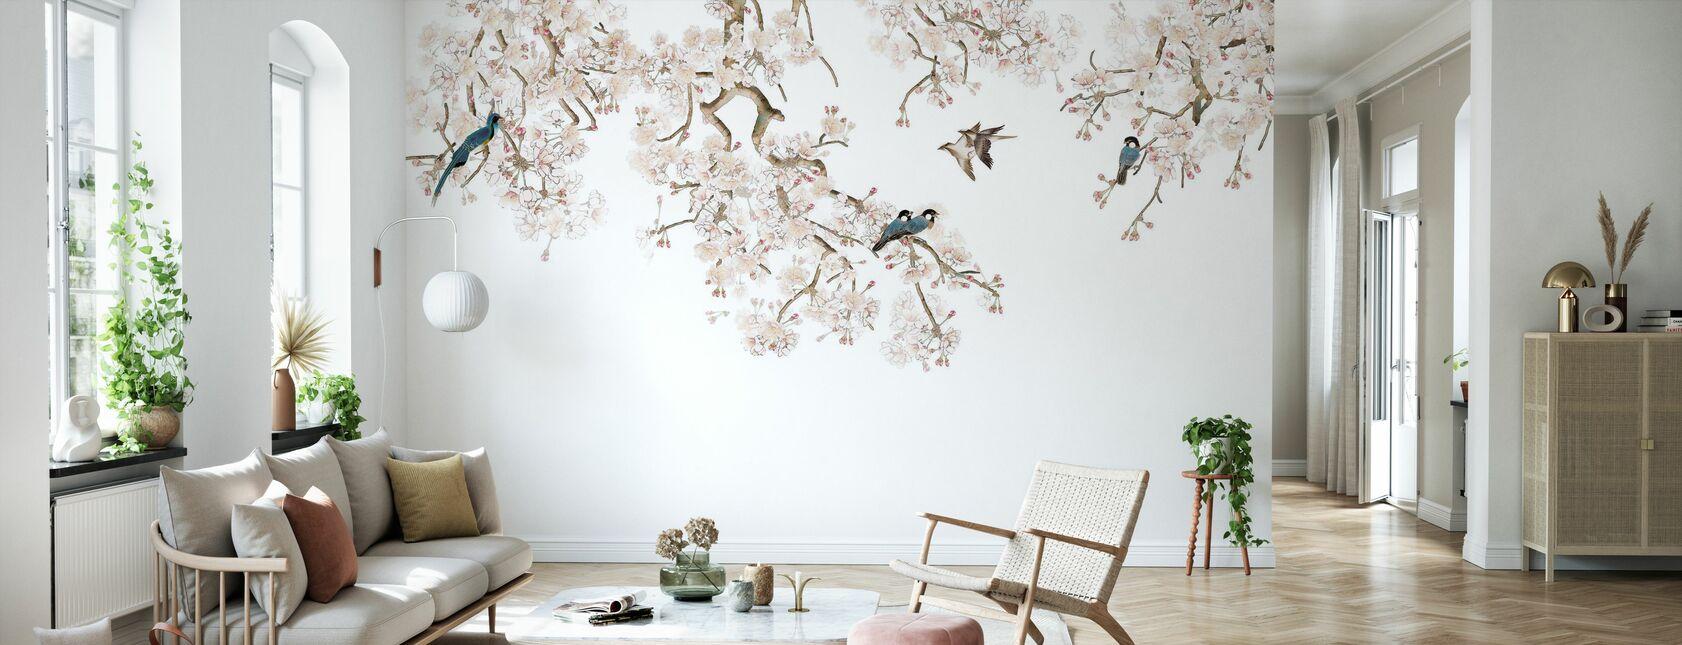 Vogels Hangout - Behang - Woonkamer